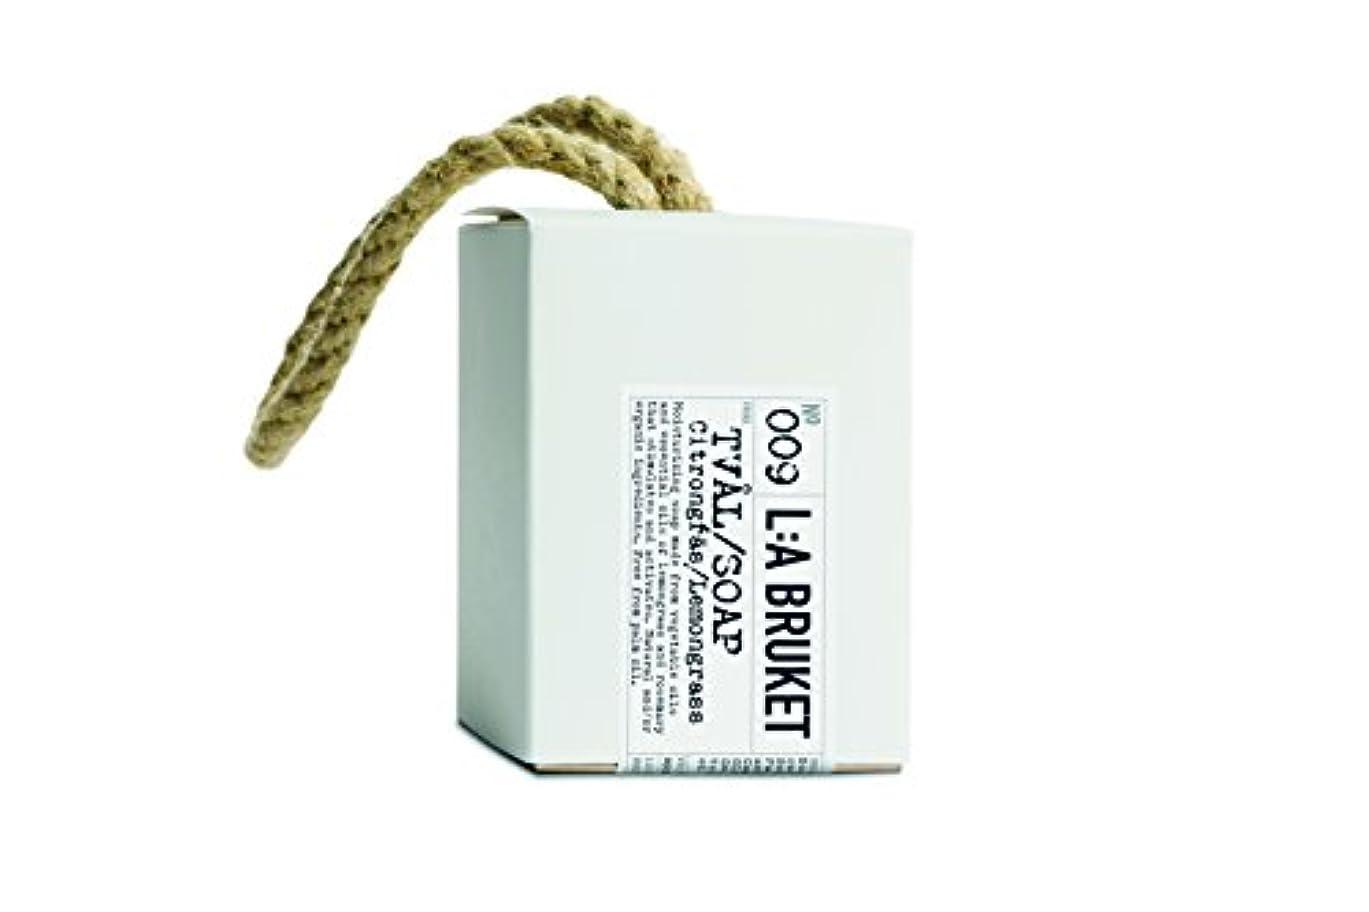 教育者文明化するトーストL:a Bruket (ラ ブルケット) ロープソープ (レモングラス) 240g